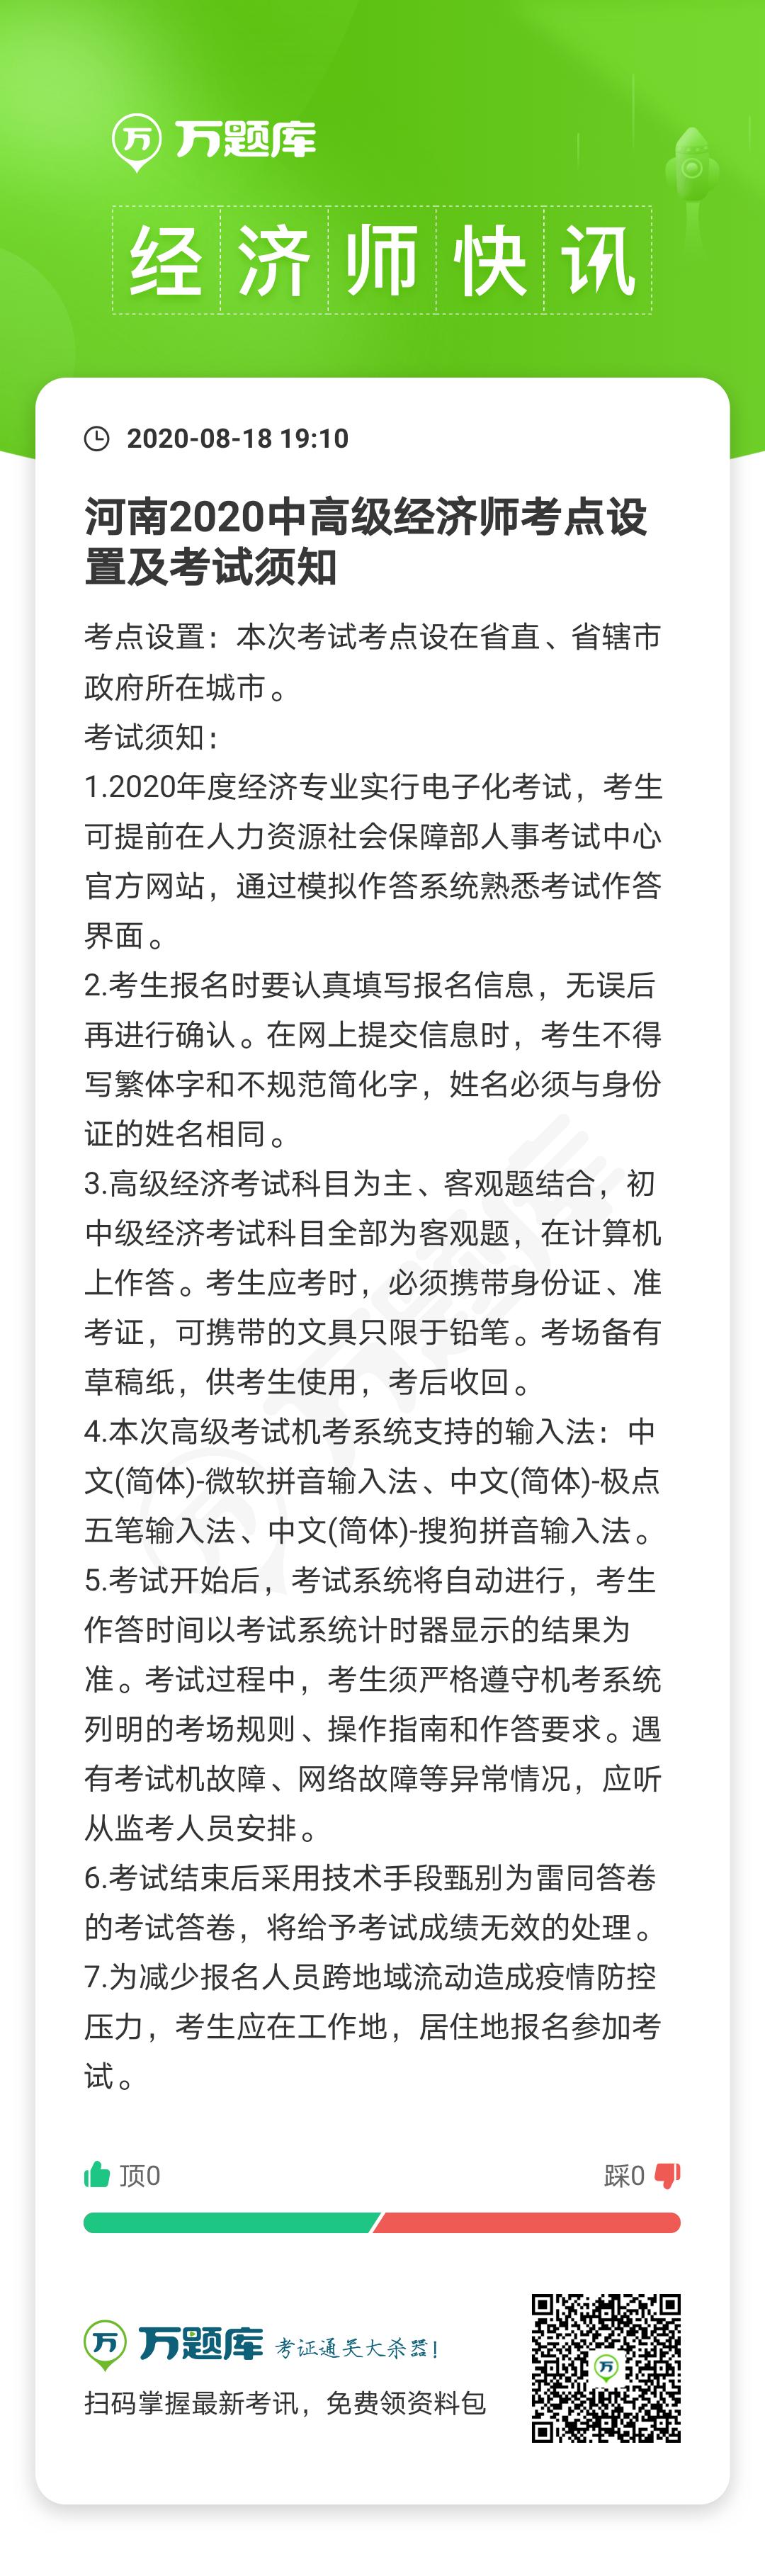 报考郑州市2020年中级经济师需要几年工作经验?